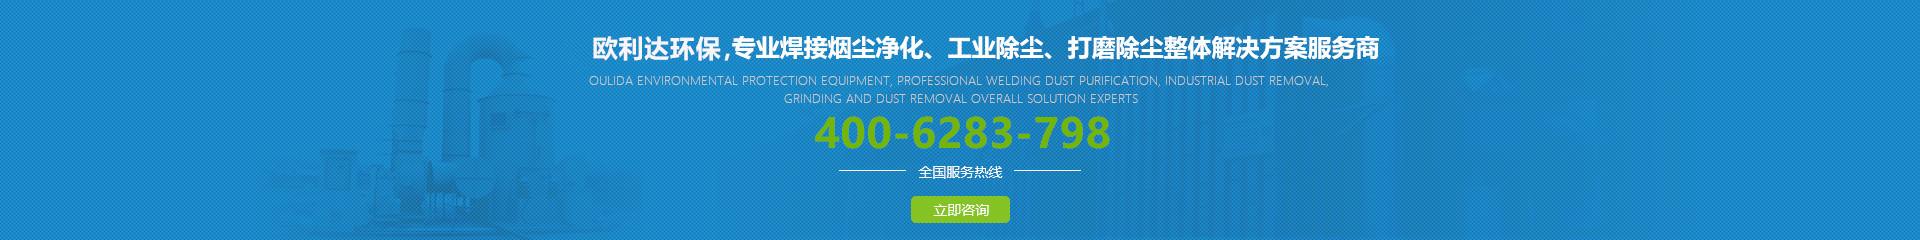 选购武汉废气处理设备,就咨询欧利达环保设备有限公司,净化效率高。